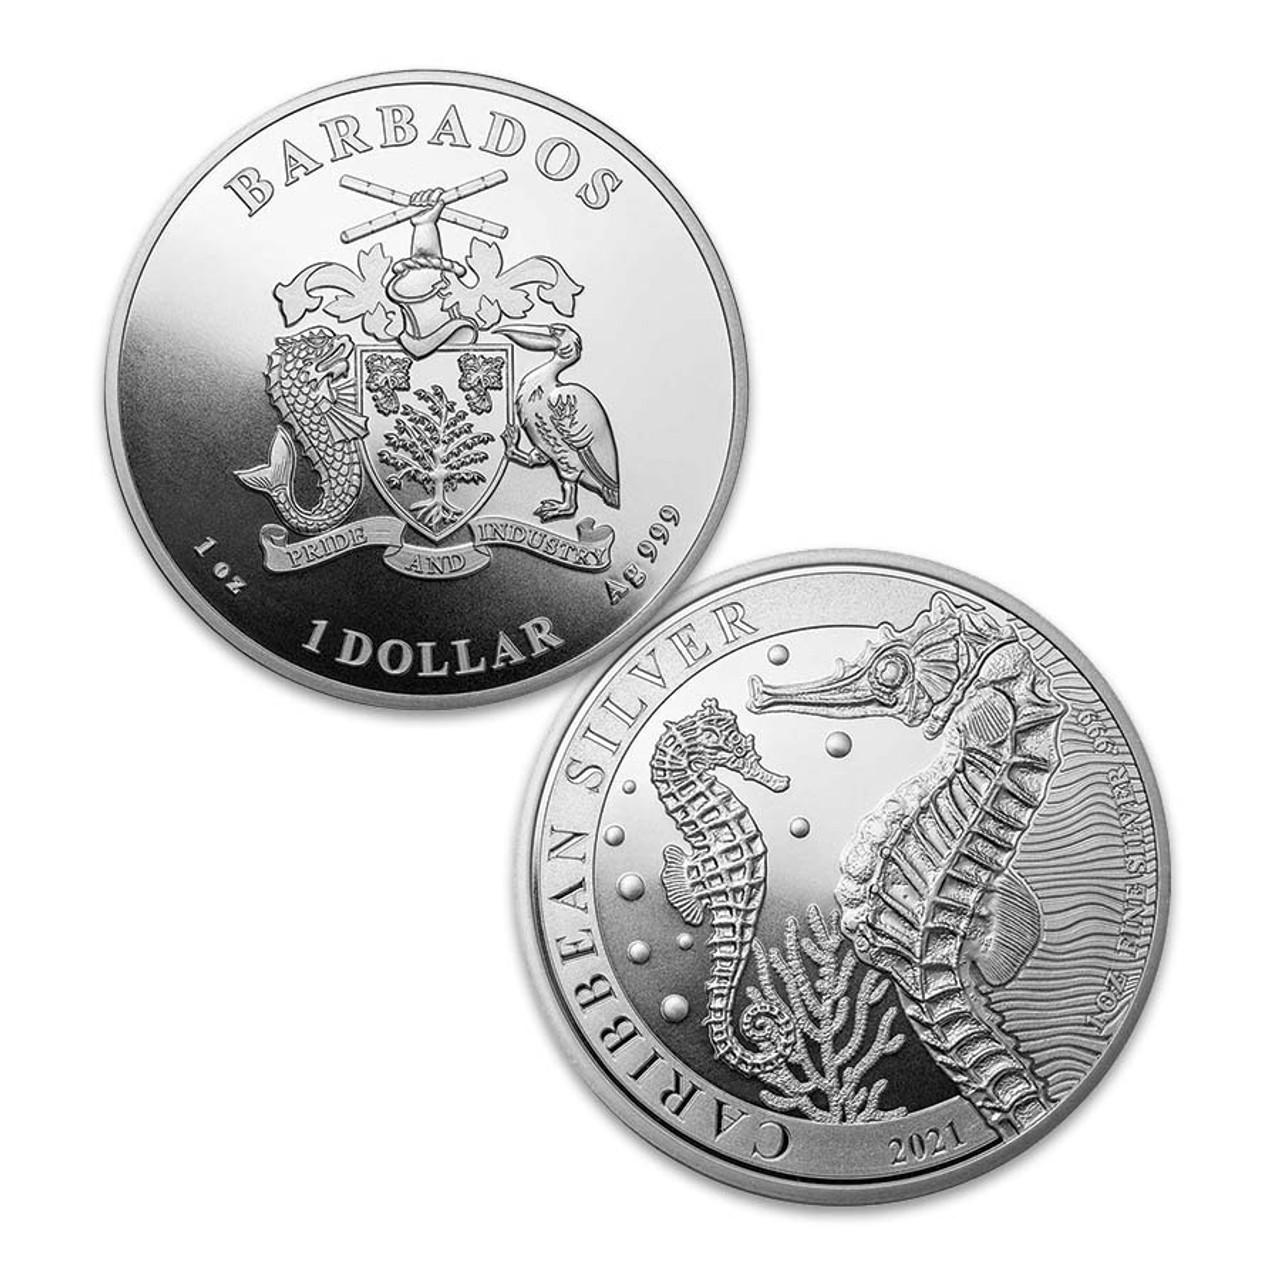 Barbados 2021 Caribbean Seahorse 1-Oz. Silver Dollar Brilliant Uncirculated